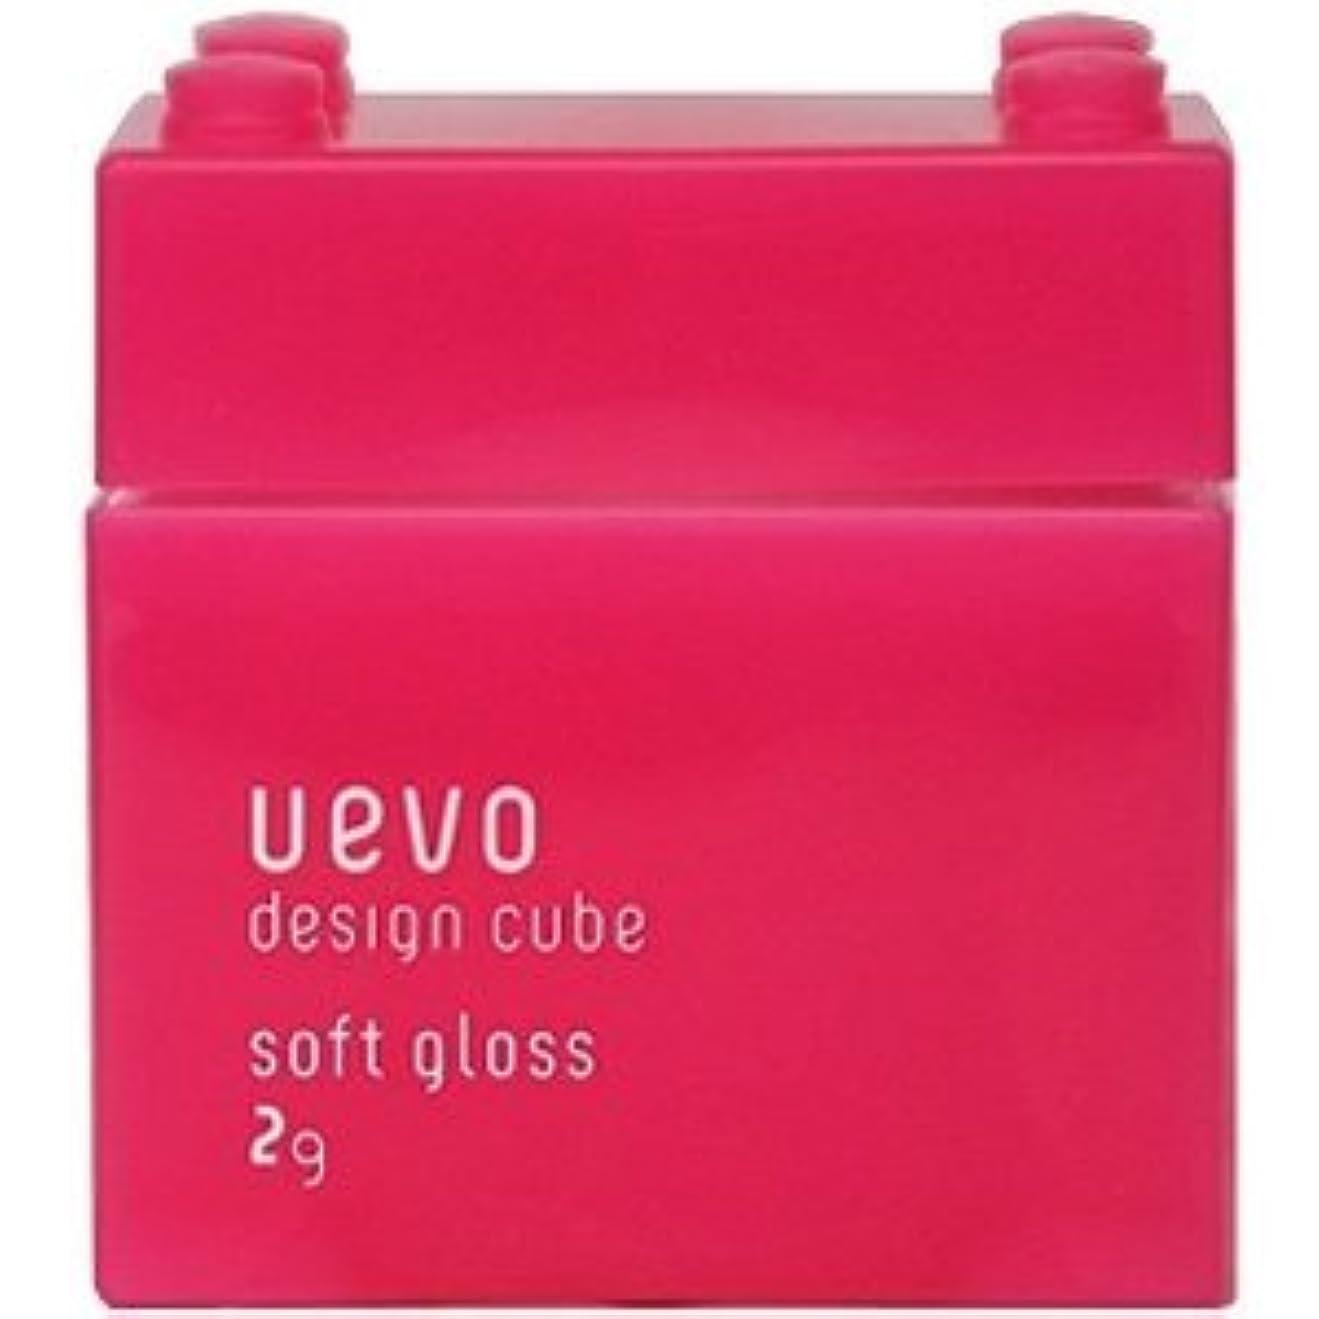 自殺中性リル【X3個セット】 デミ ウェーボ デザインキューブ ソフトグロス 80g soft gloss DEMI uevo design cube